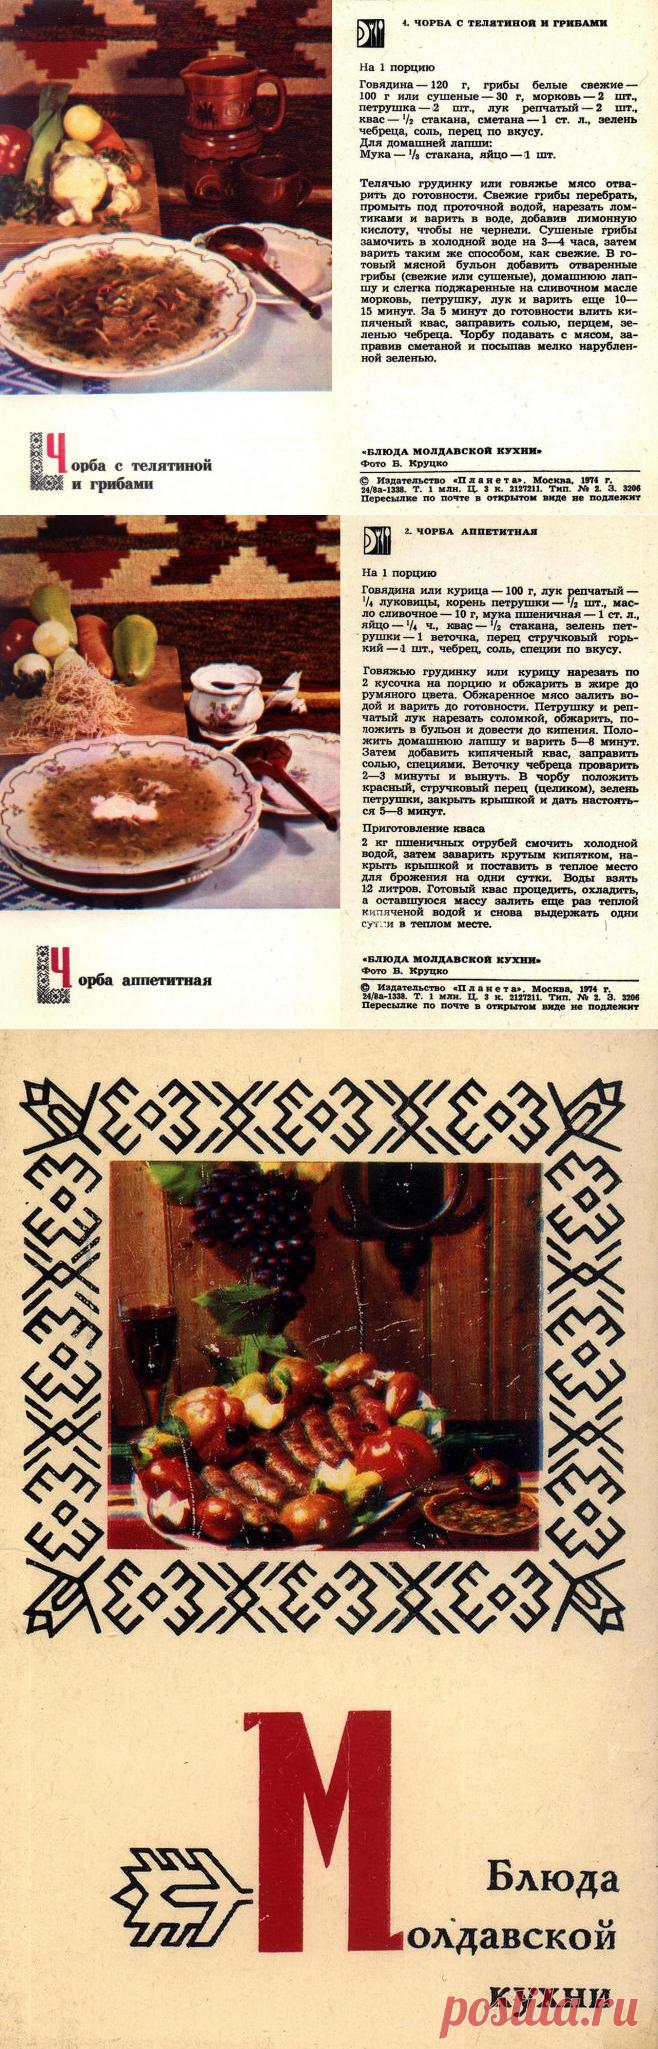 Набор Открыток Блюда молдавской кухни 1974-ый год, Москва, издательство Планета | Мой мир в фотографиях